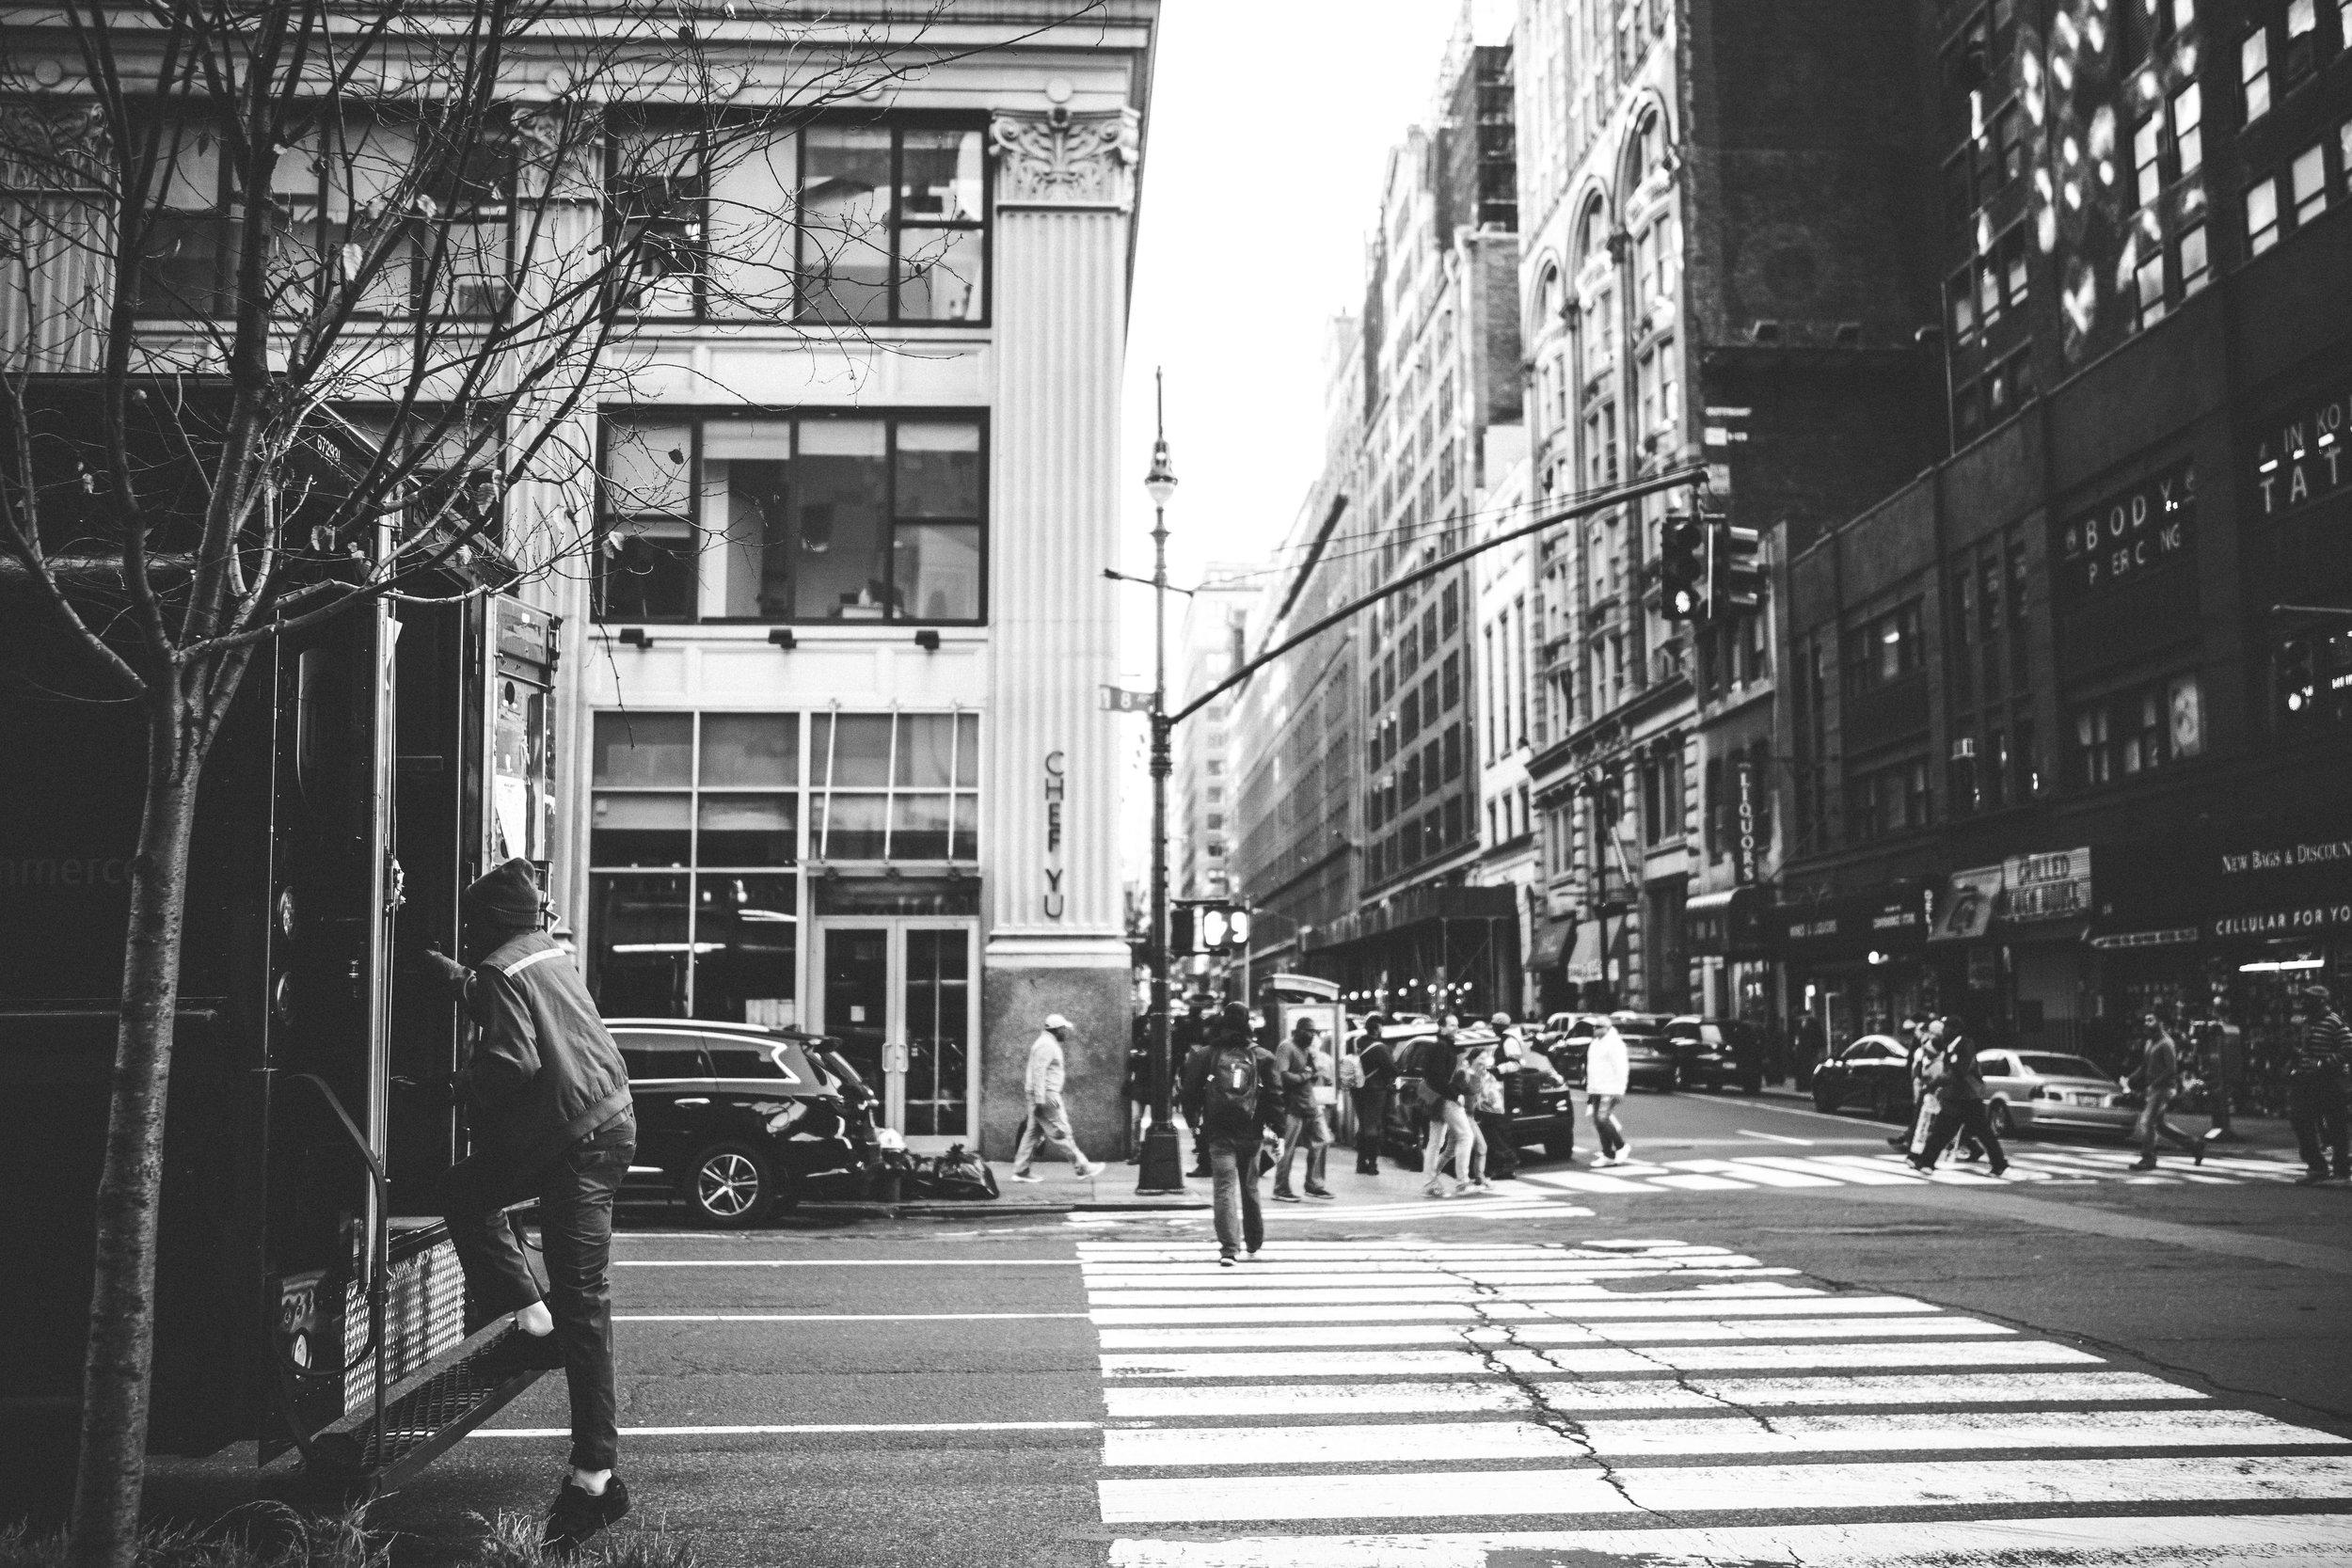 newyork-07392.jpg